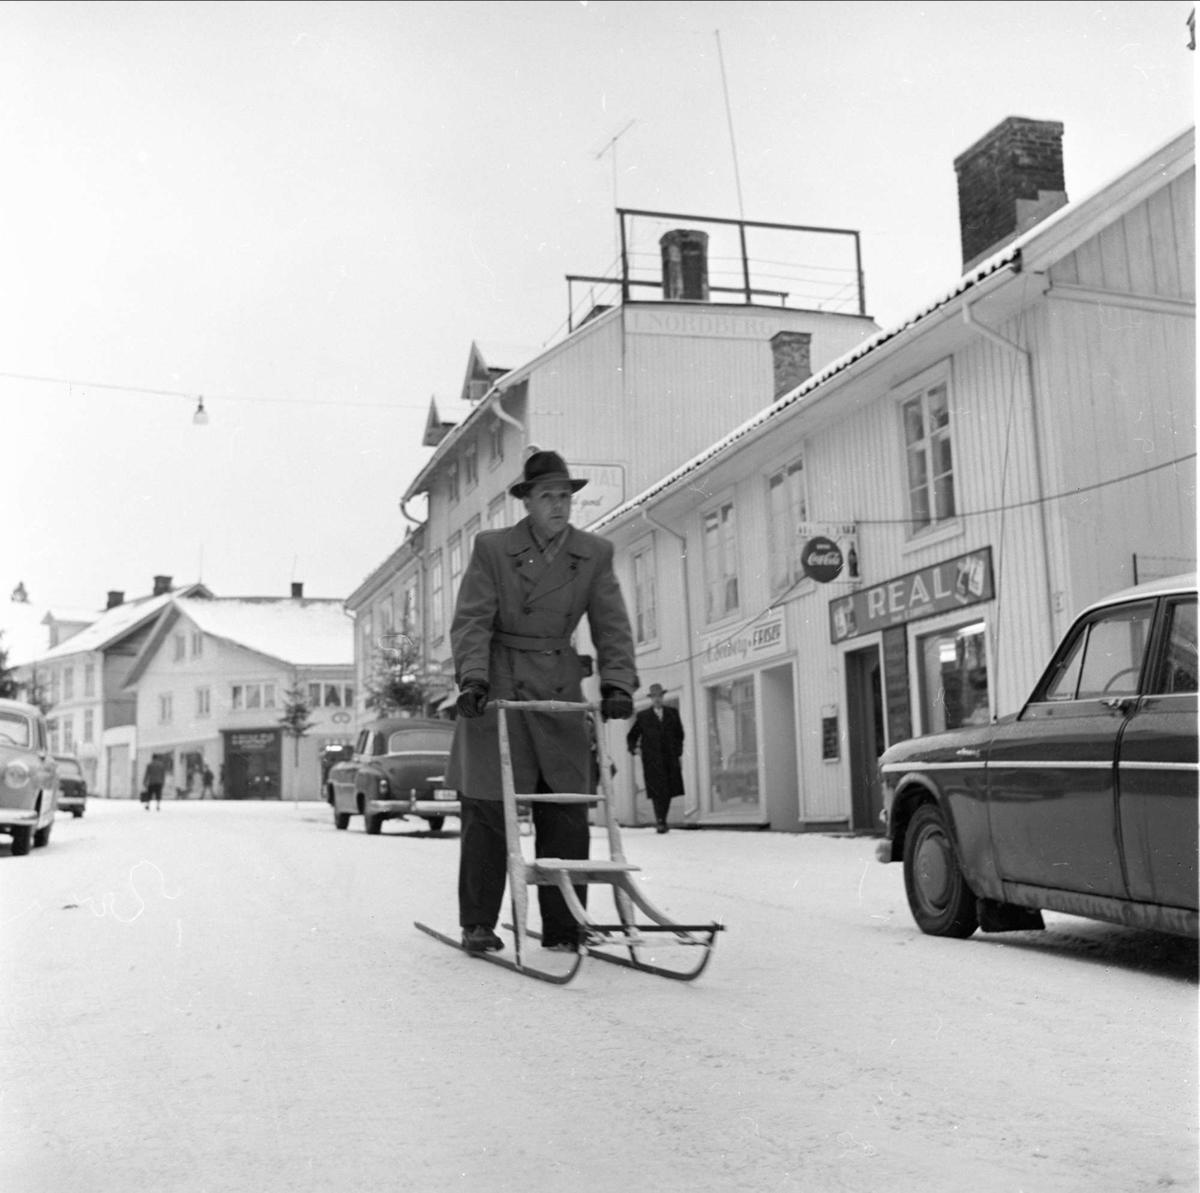 Gjøvik, gatebilde, mann med sparkstøtting på bytur, 03.01.1961